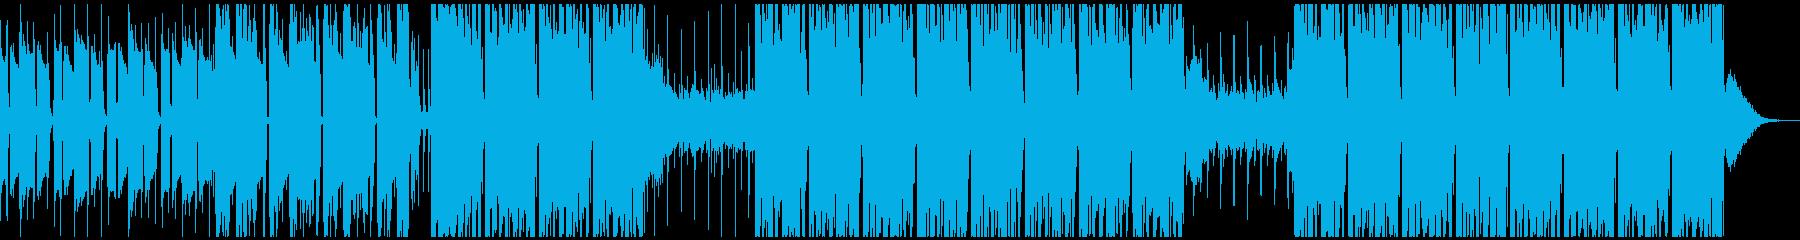 実験的な岩 バックシェイク ファン...の再生済みの波形